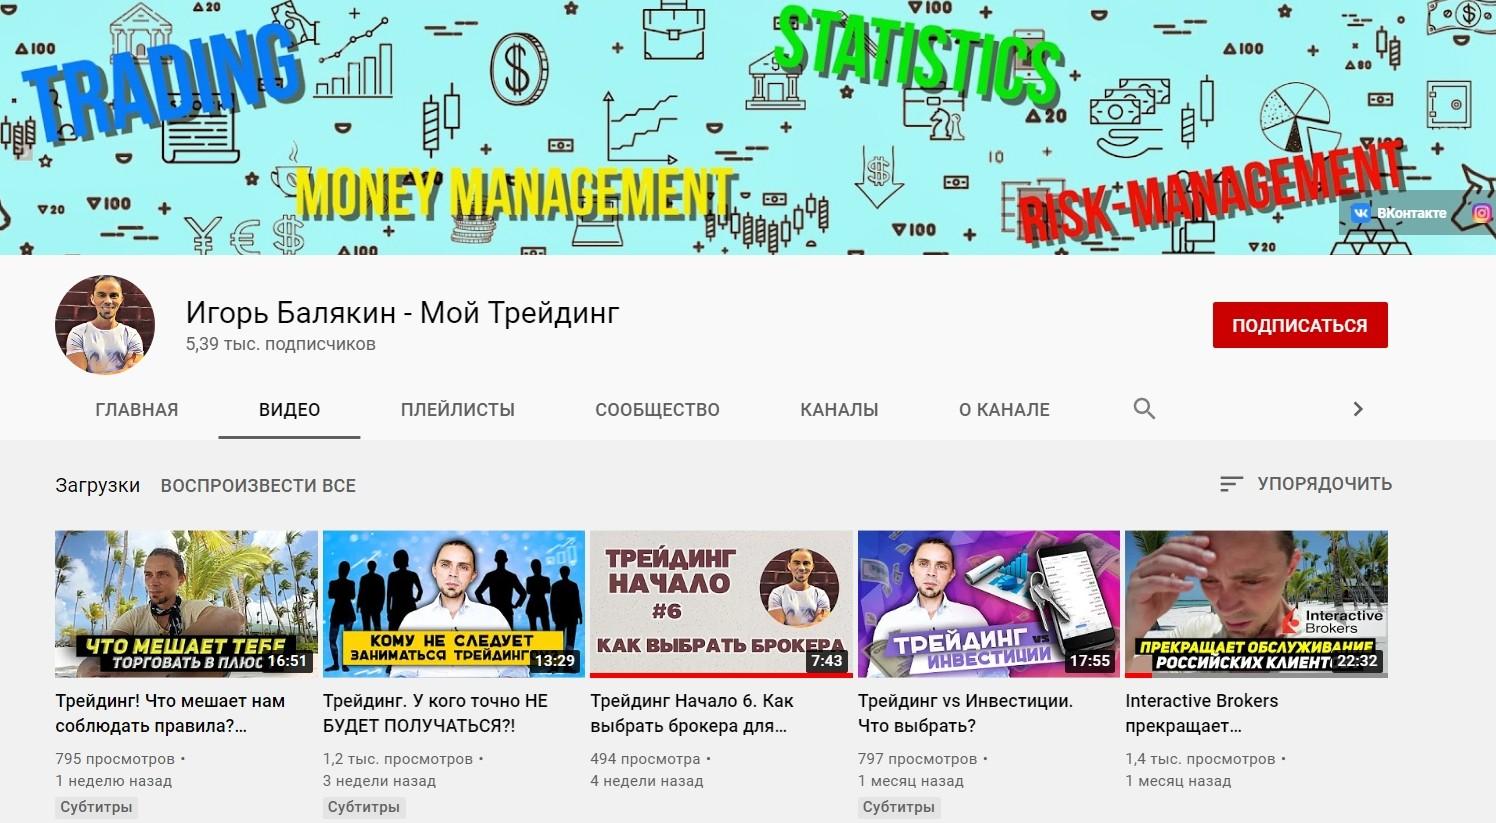 Ютуб канал Игоря балякина